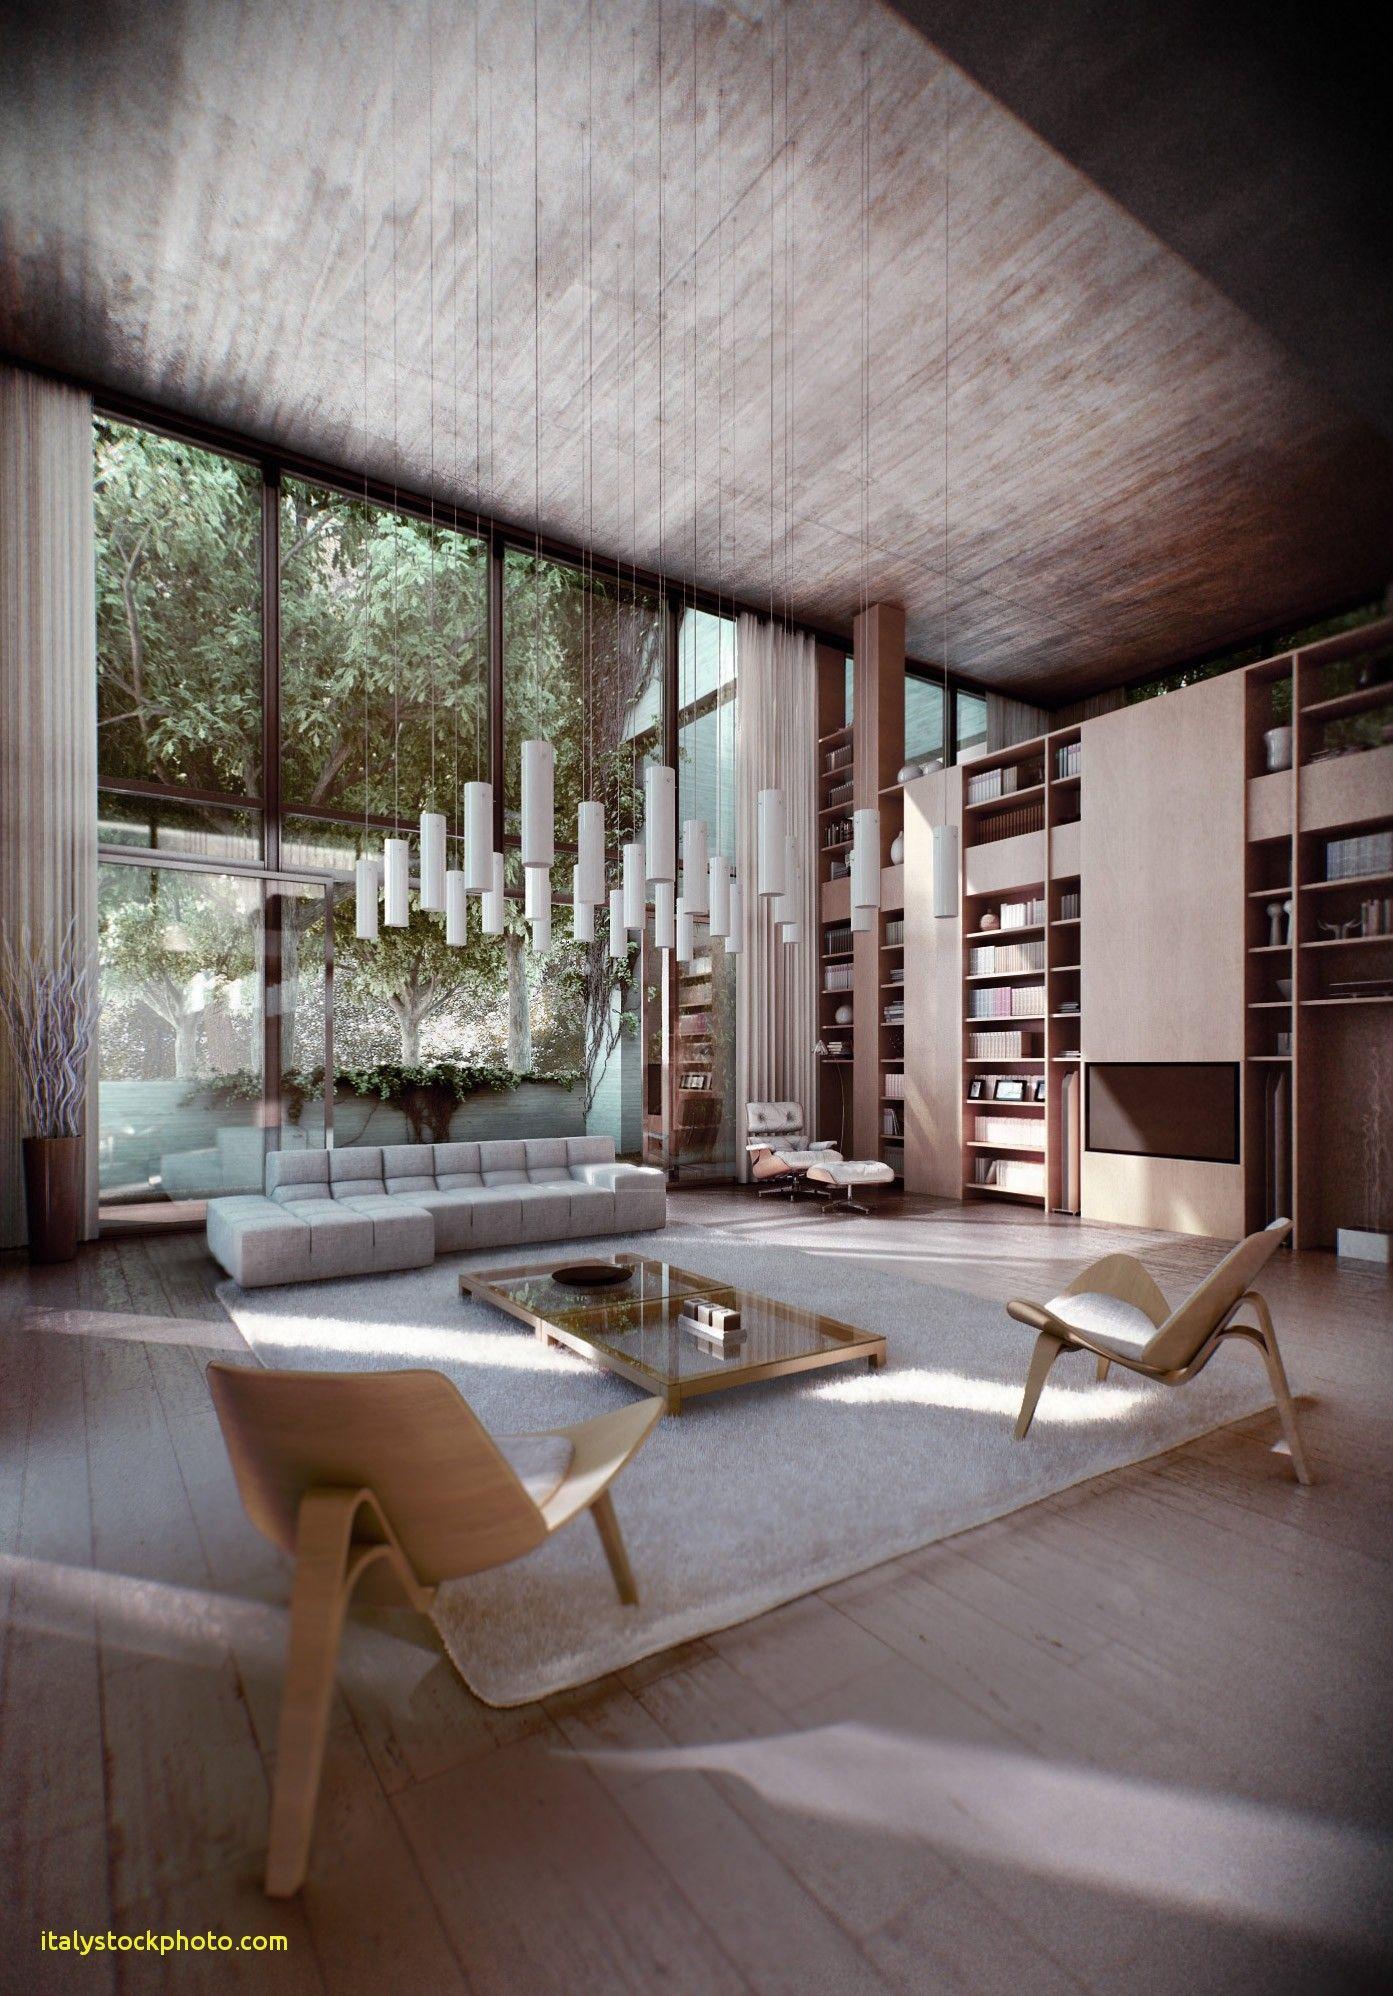 Zen house interior house for rent near me zenhouse interiordesign zen